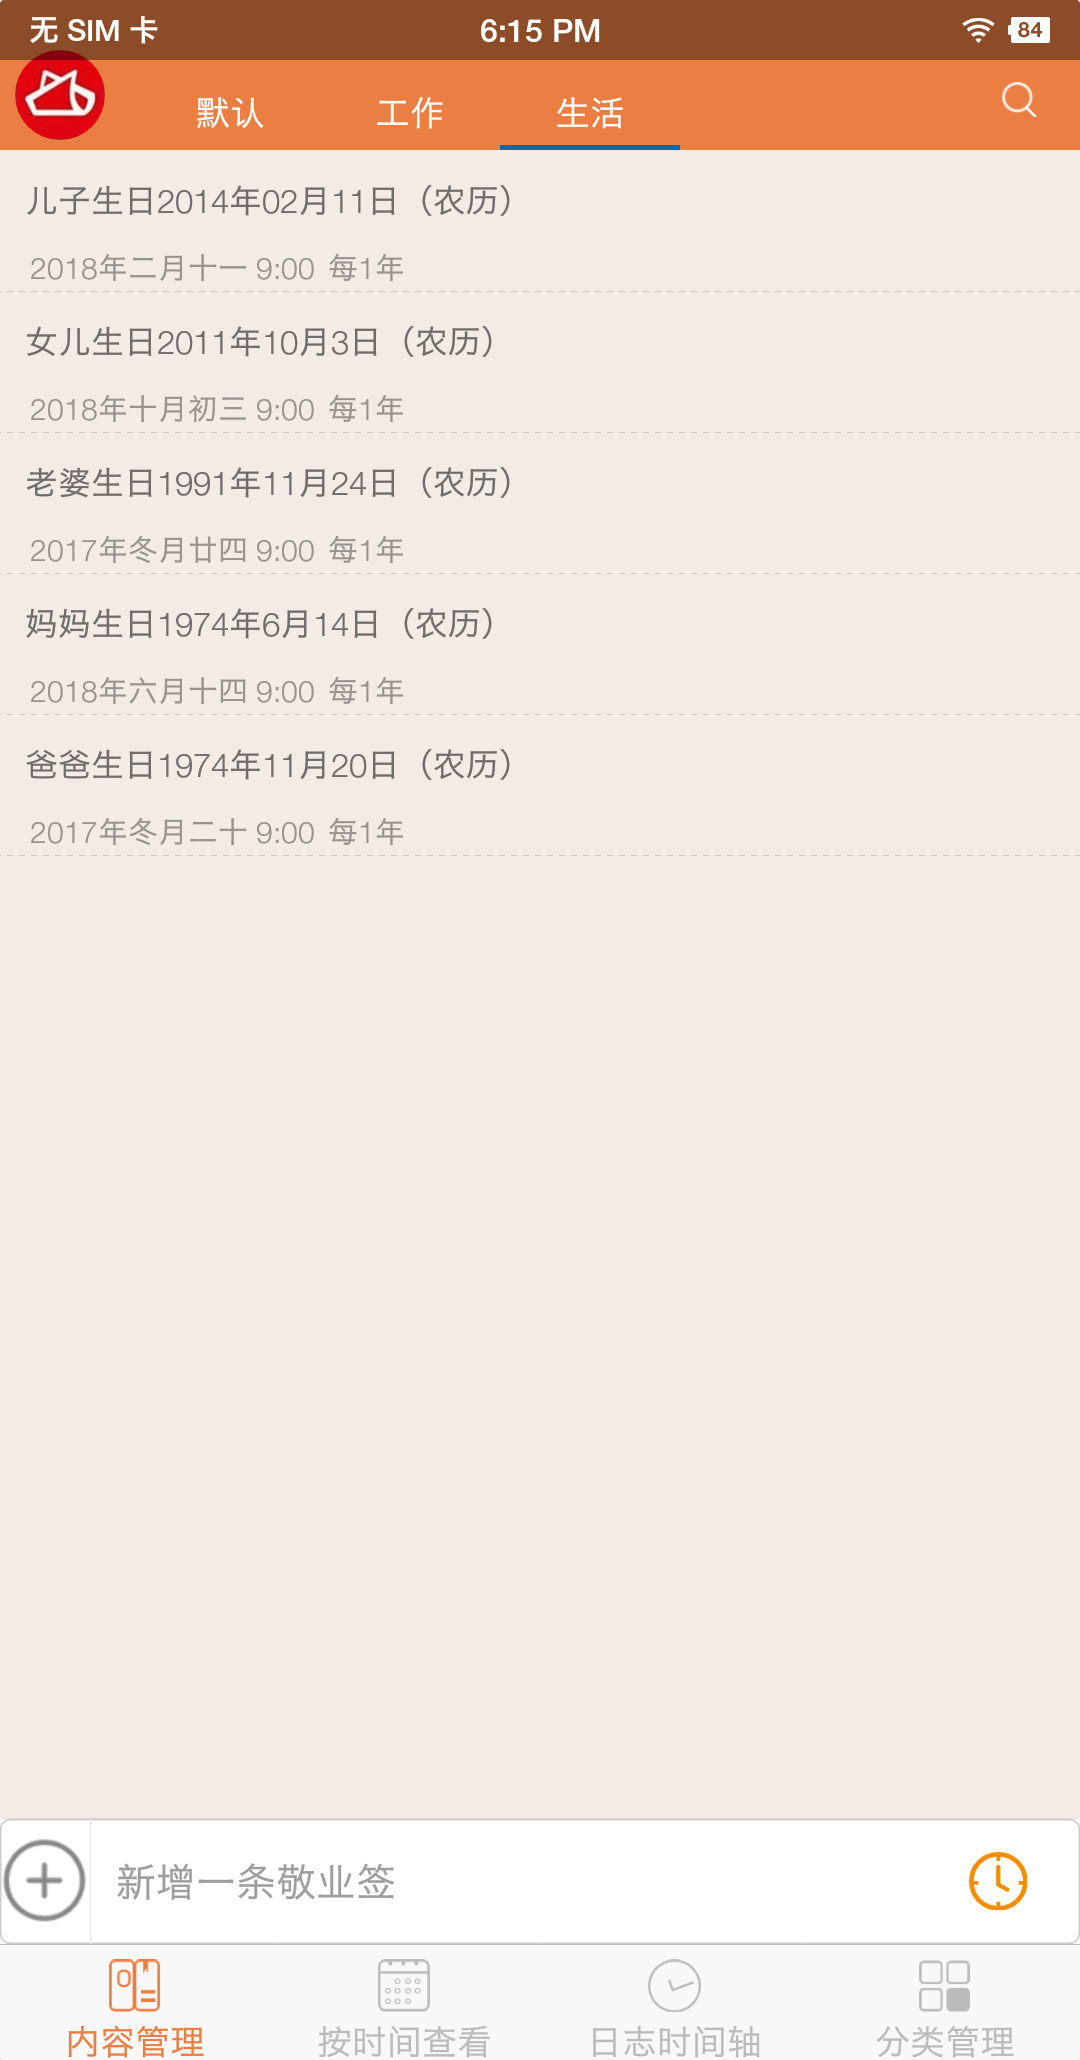 敬业签安卓Android版生日提醒